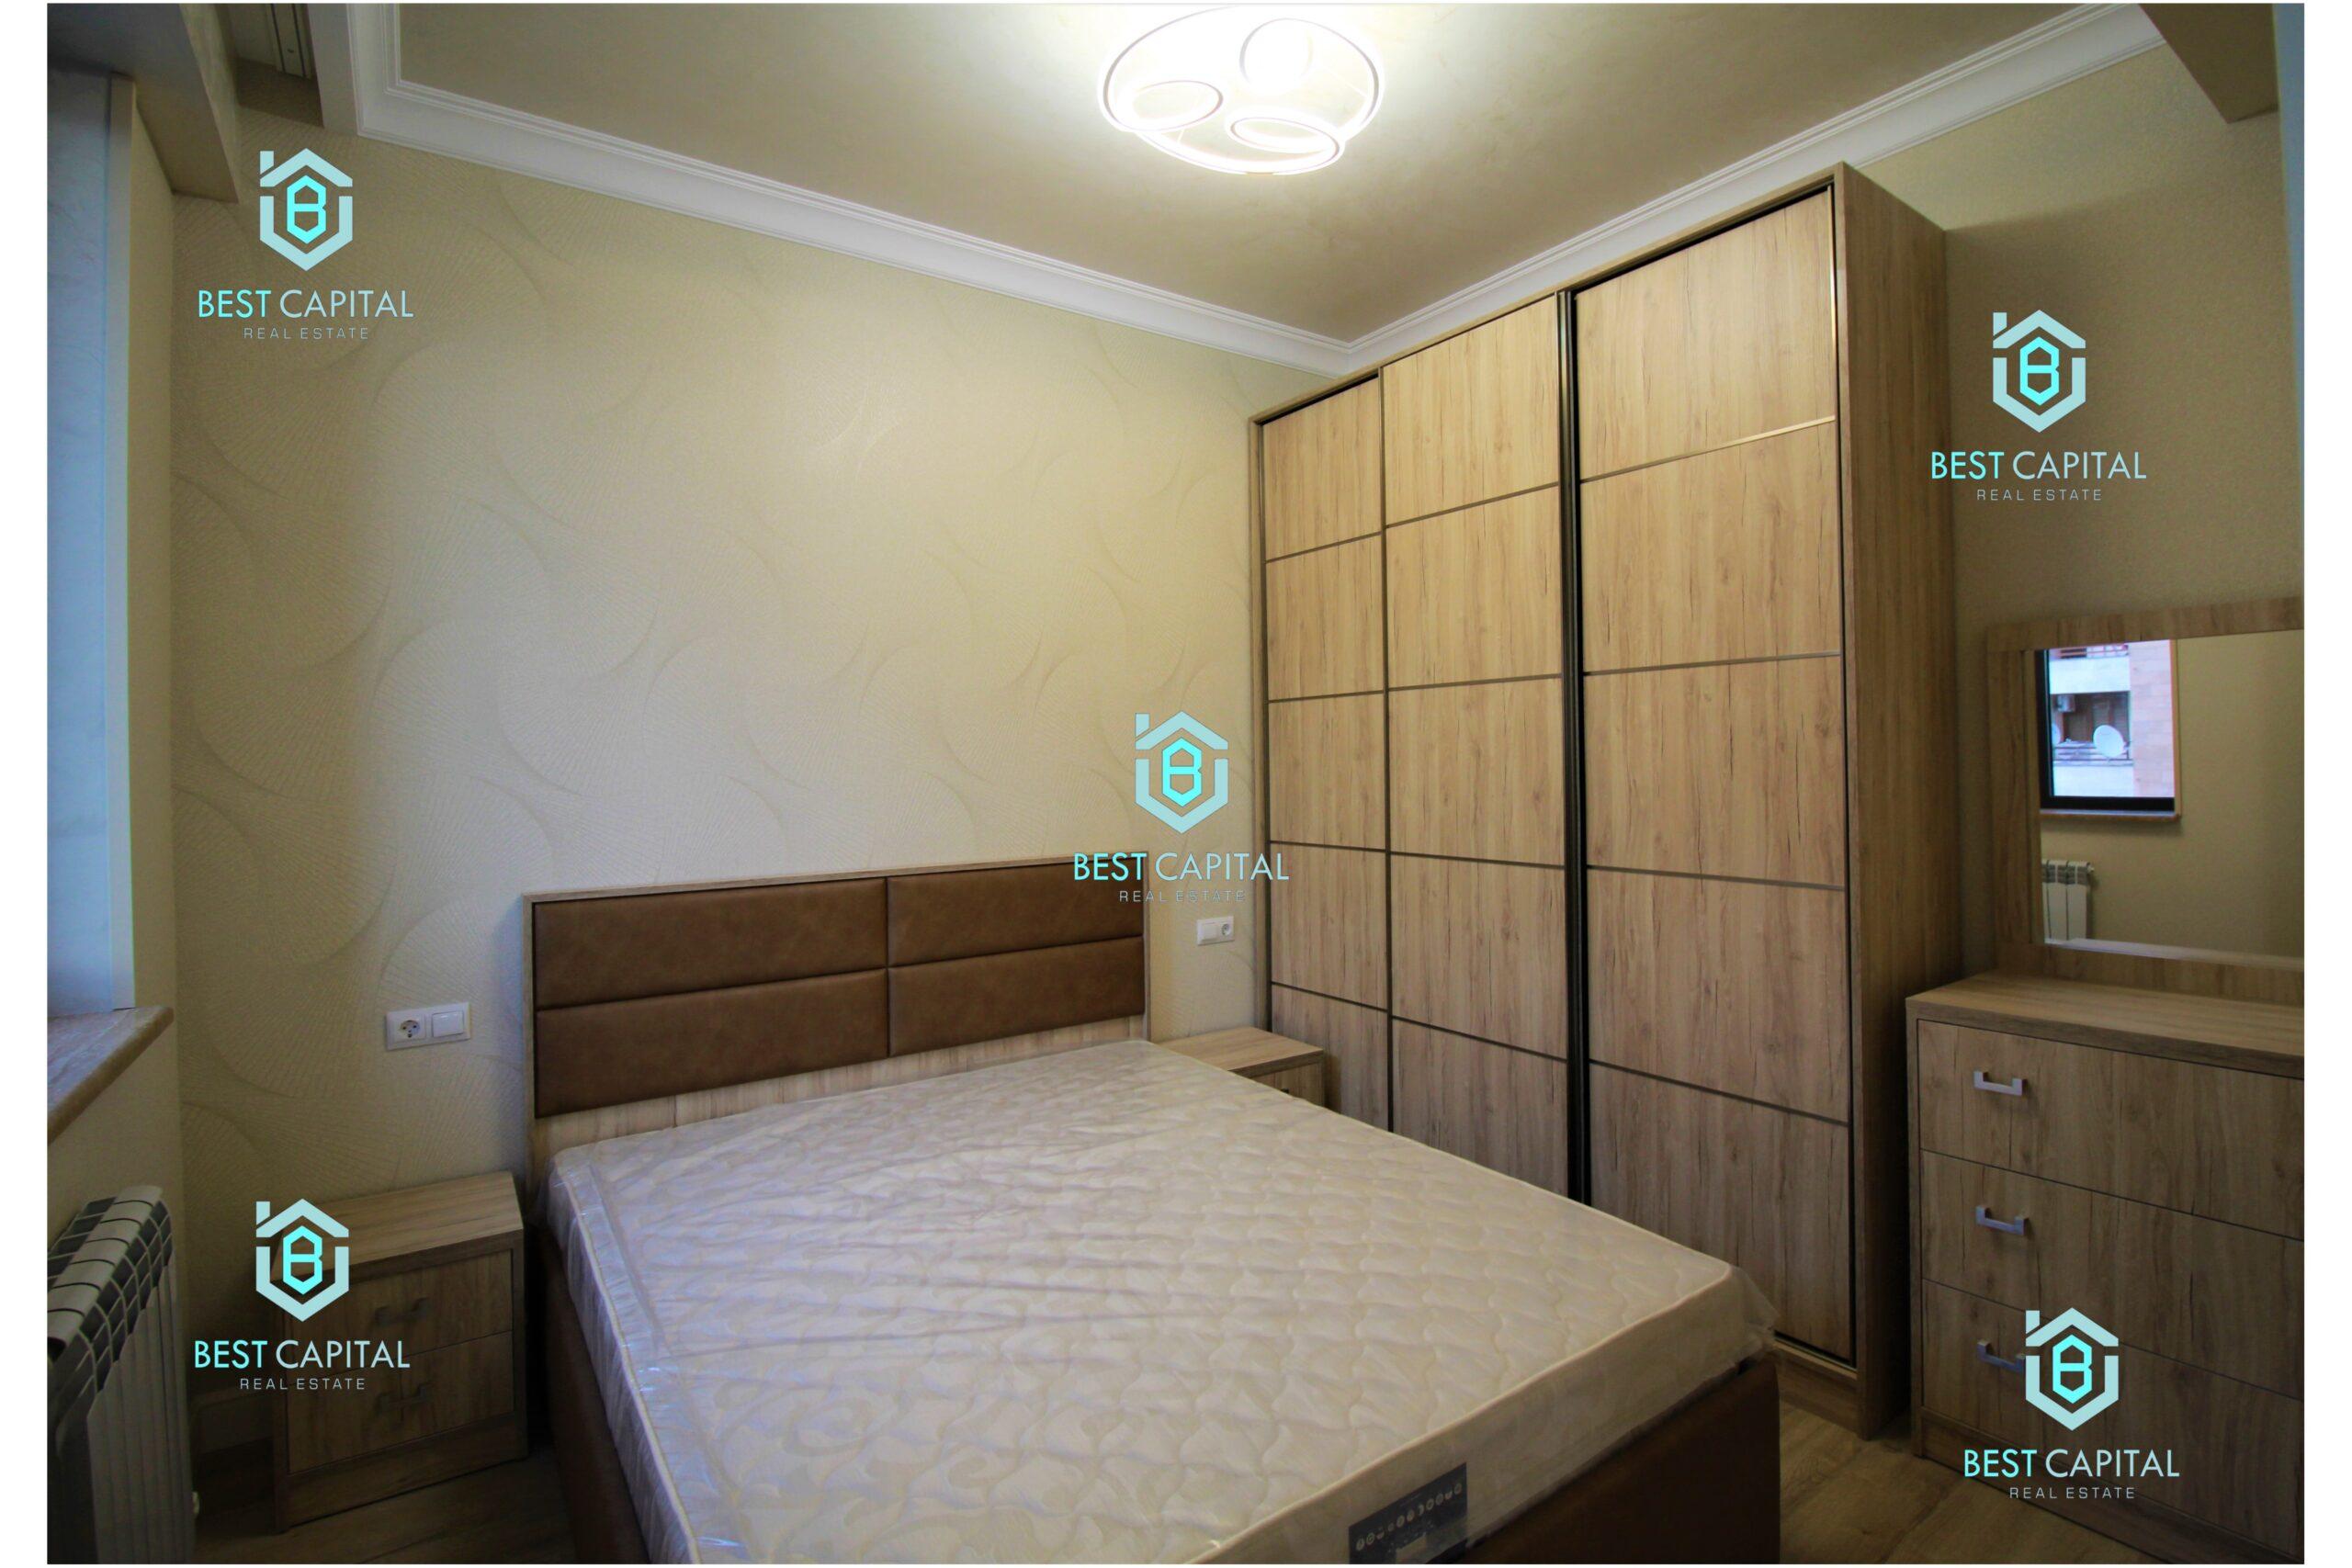 Կոմիտասի պողոտա, ժամանակակից և հարմարավետ բնակարան նորակառույցում, A0833